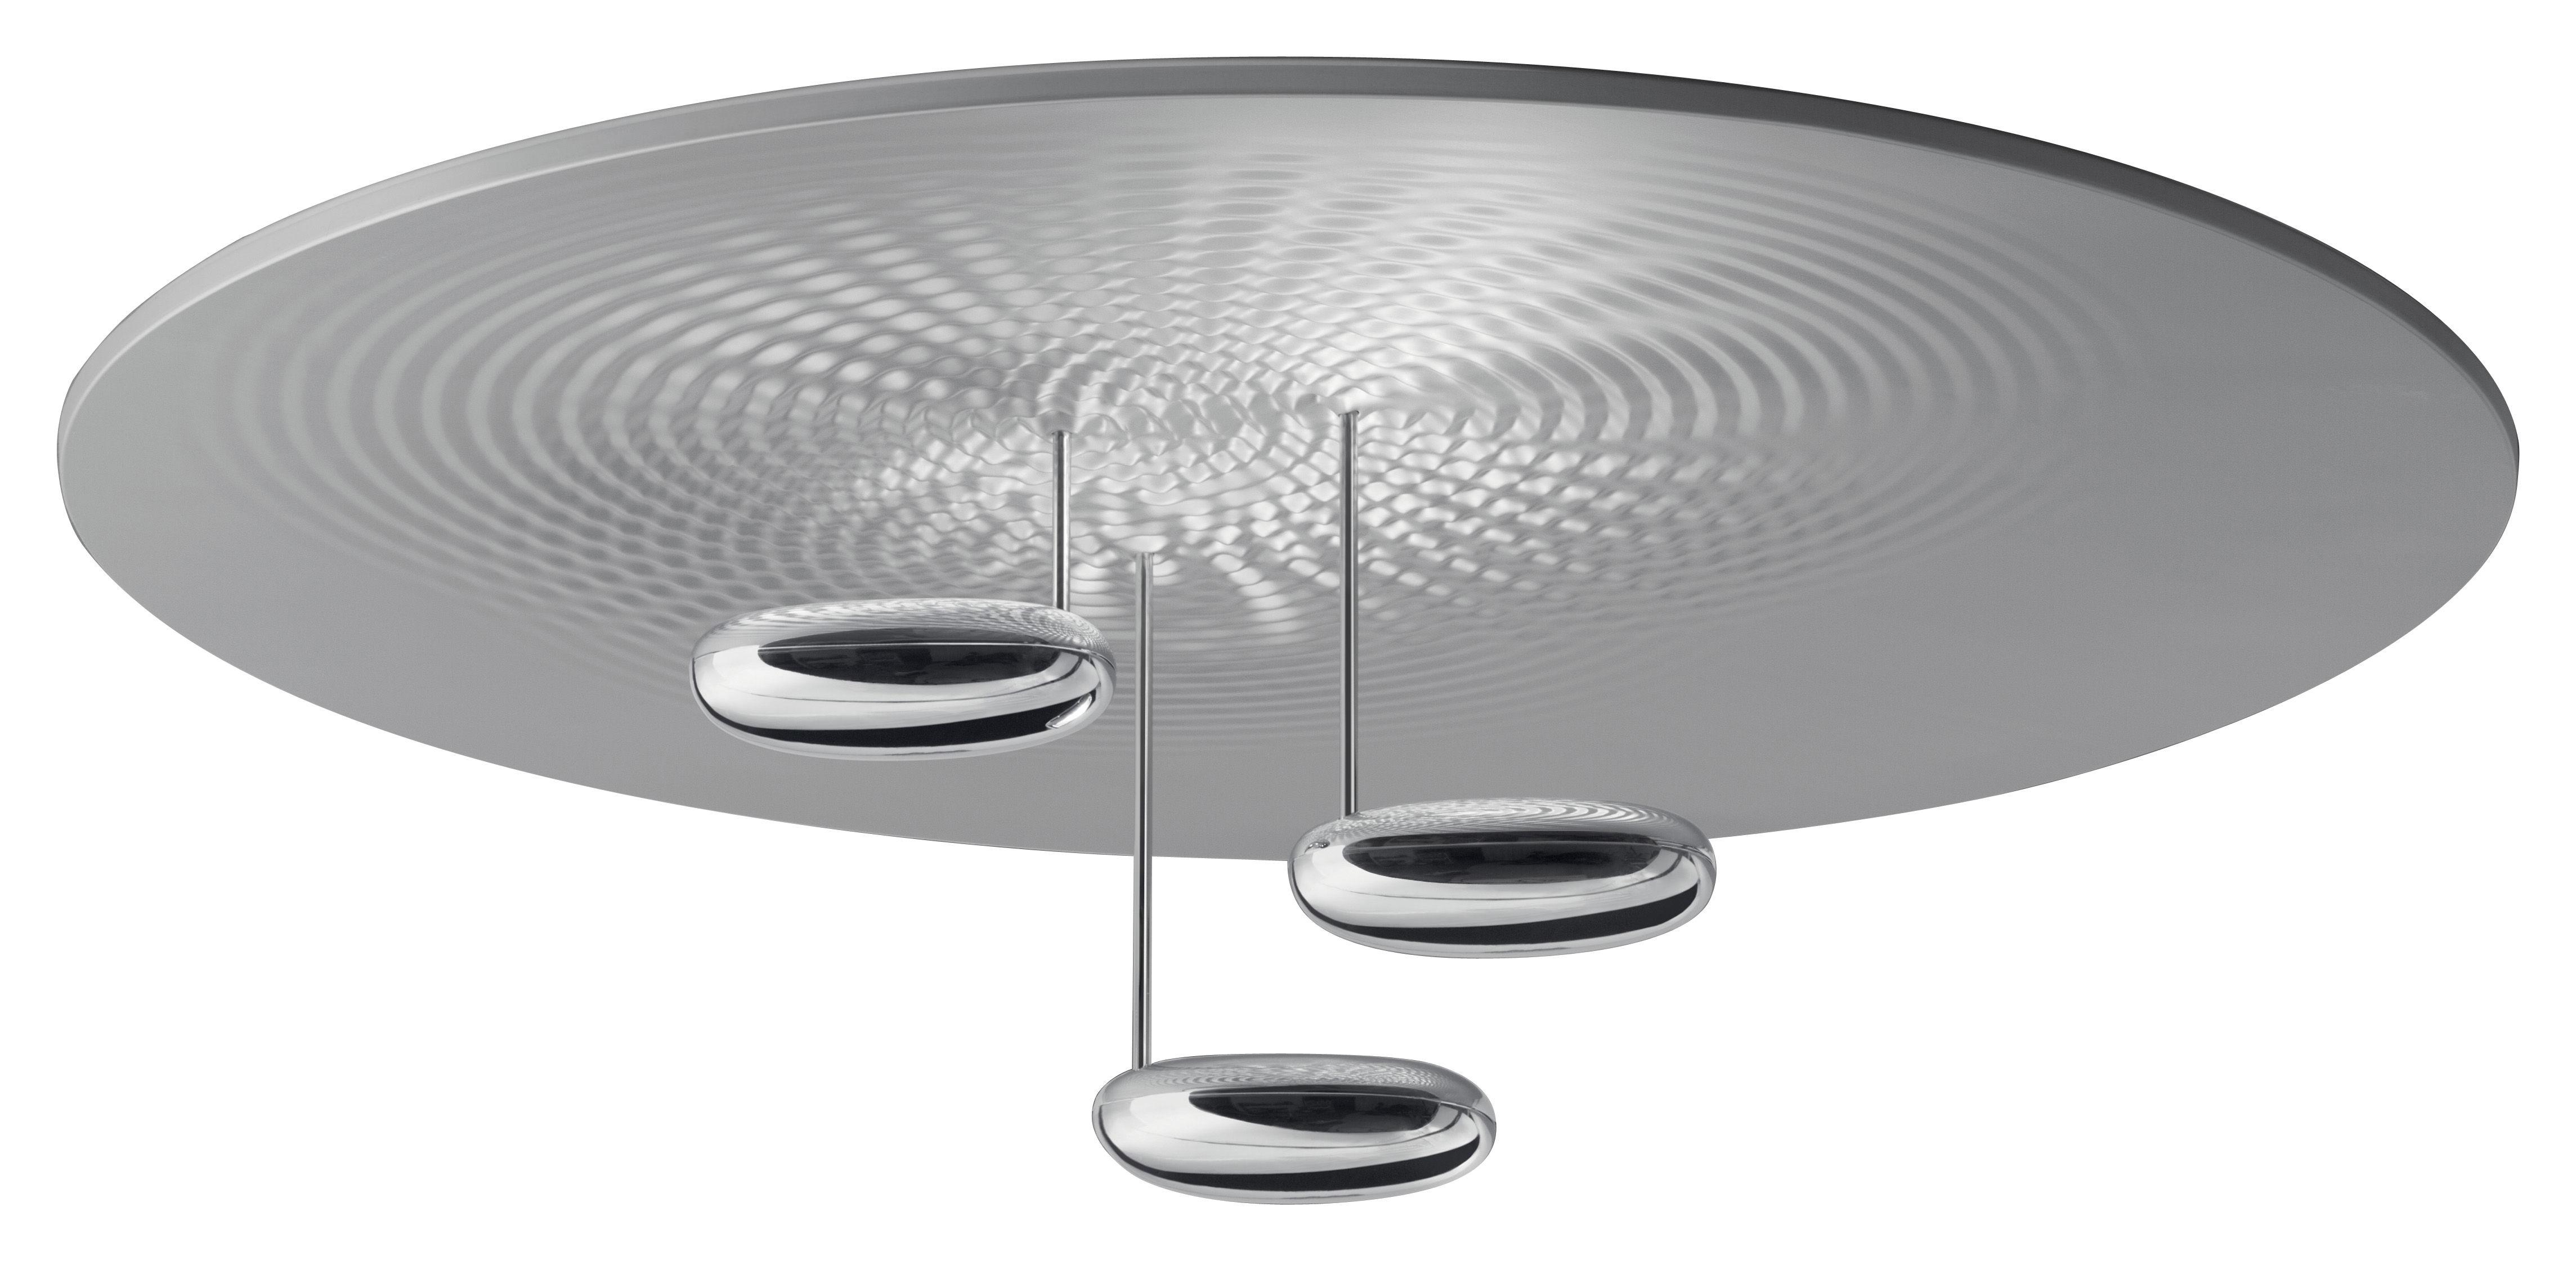 Lighting - Ceiling Lights - Droplet Ceiling light - LED by Artemide - Chromed - Chromed aluminium, Satin aluminium